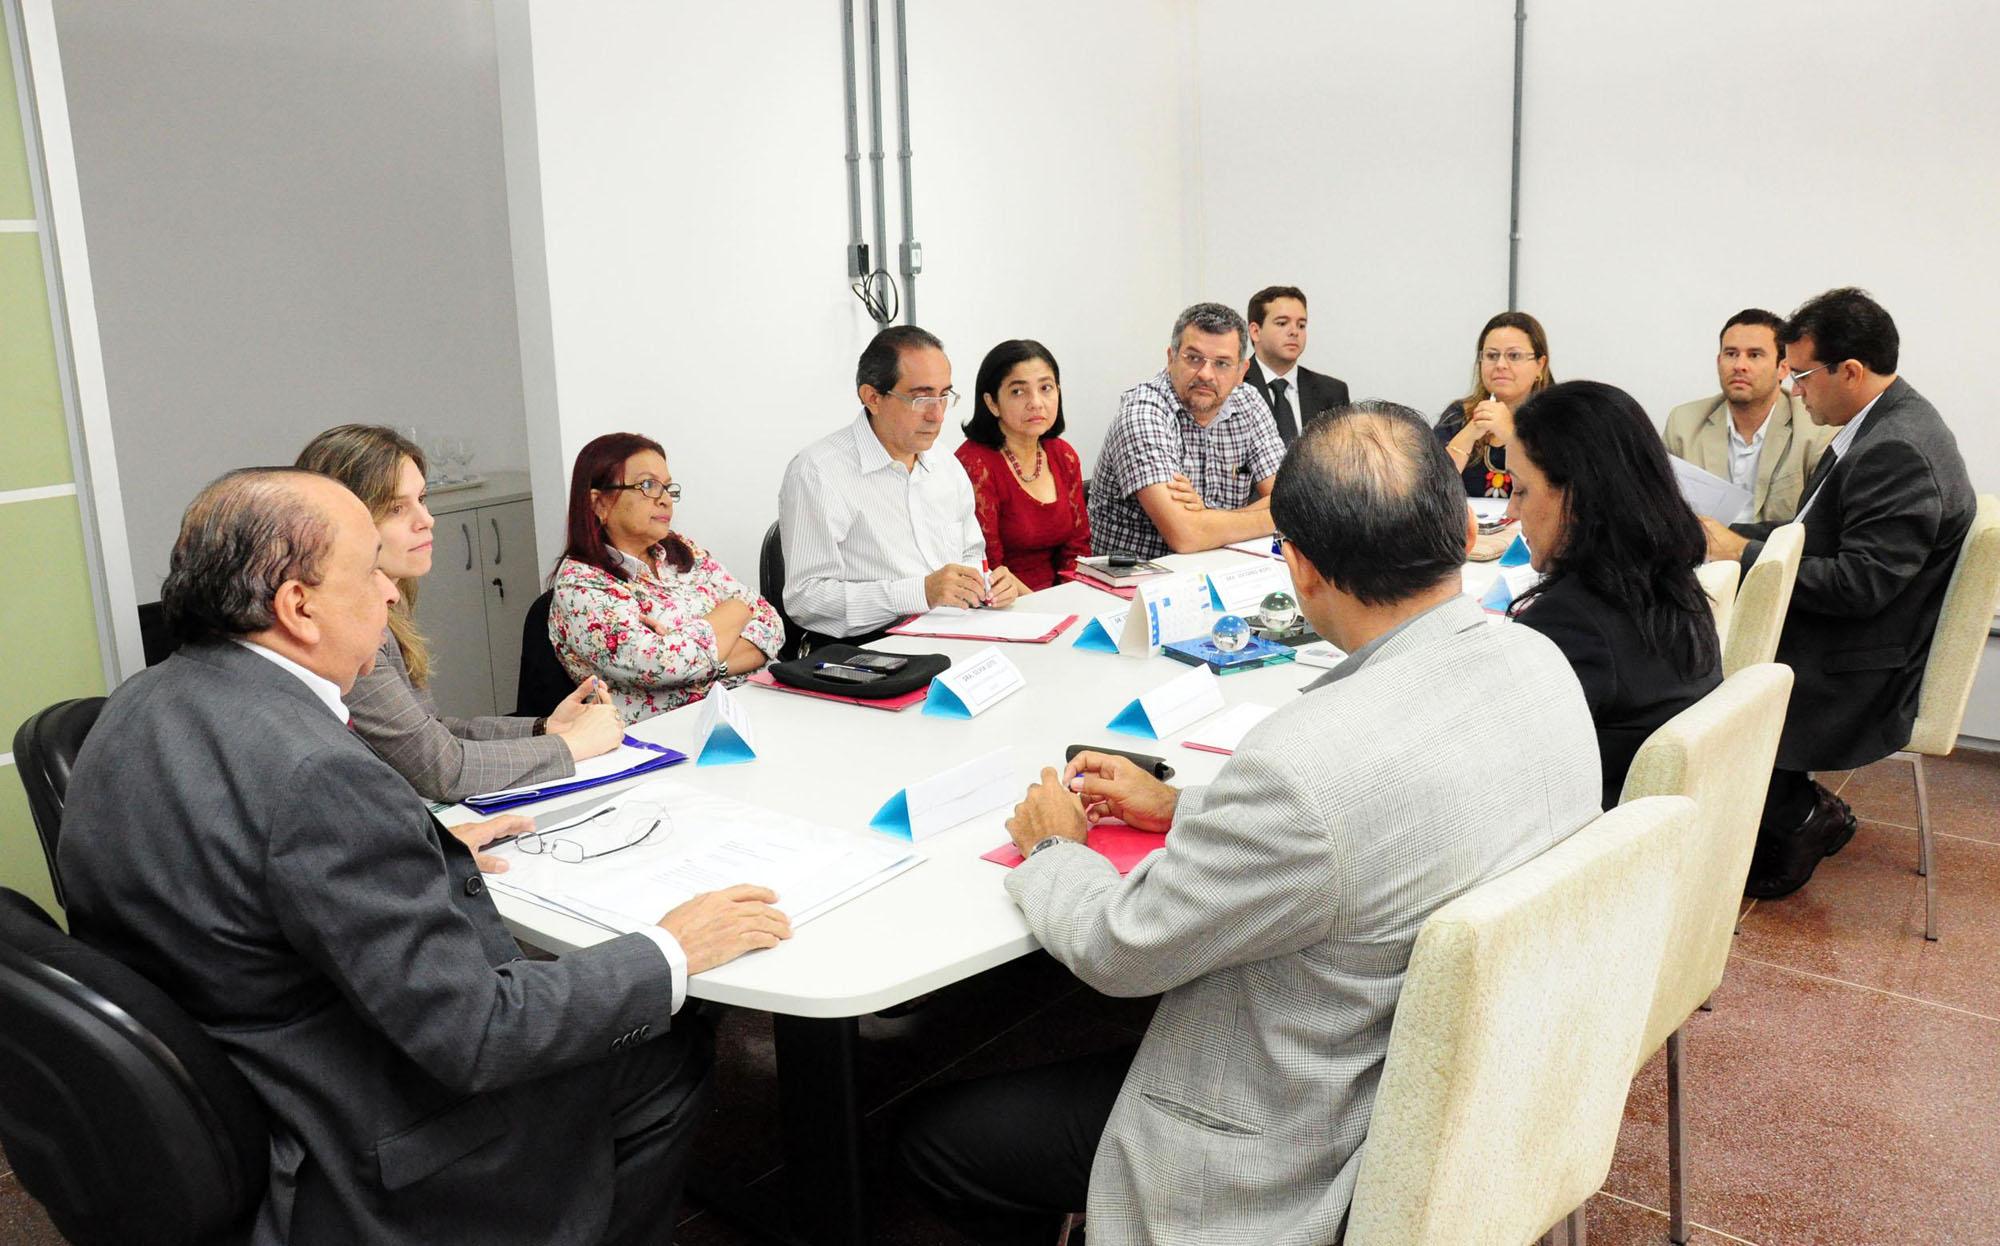 Foto 1 - Reunião SES